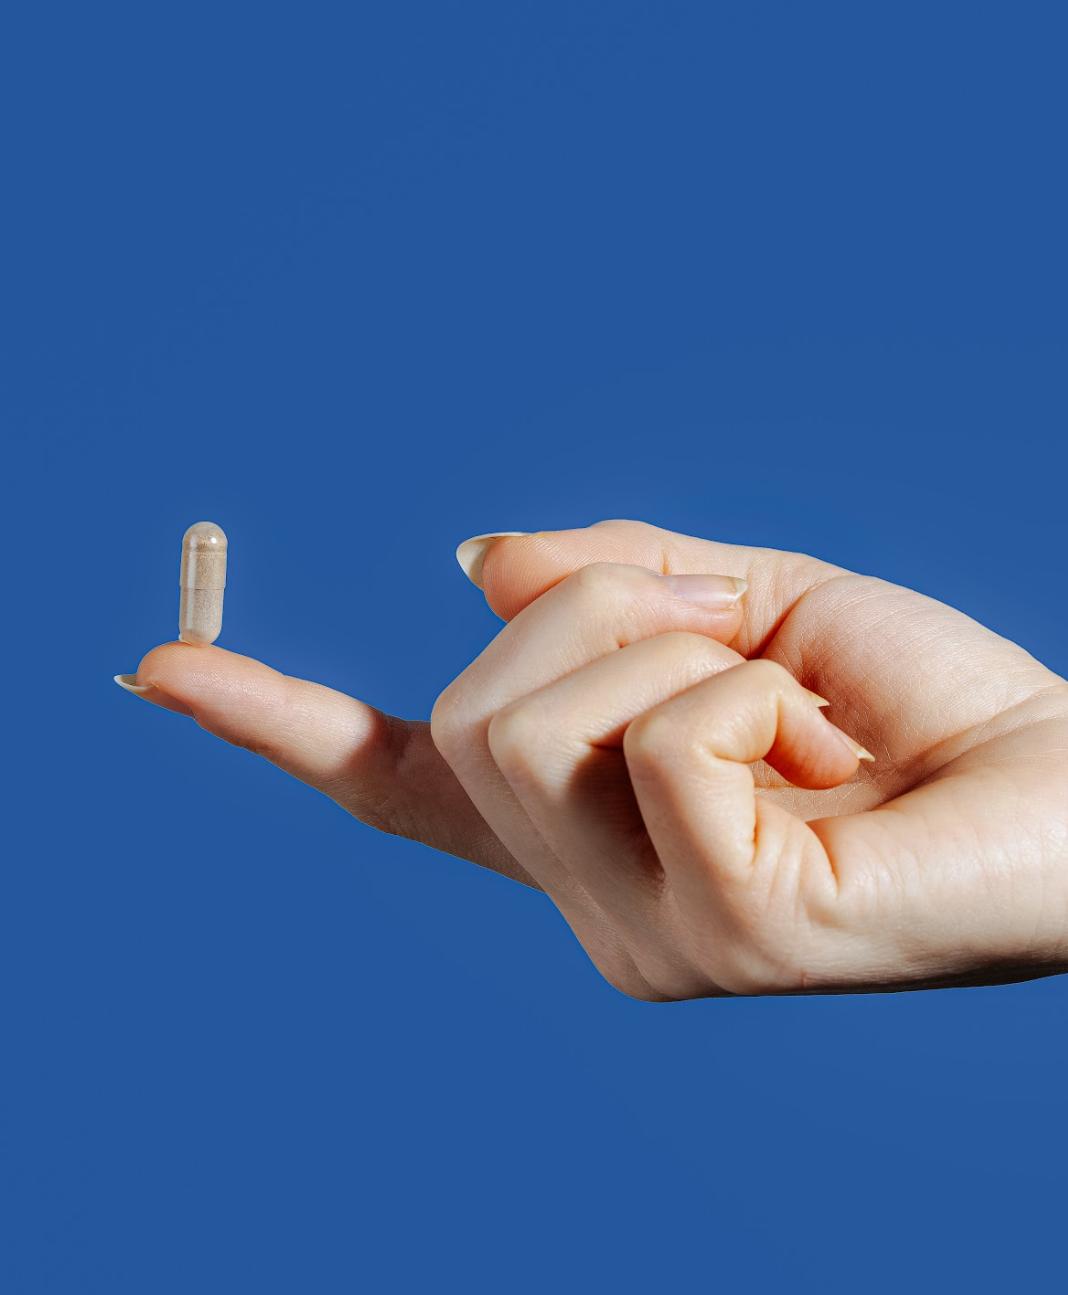 single pill resting on the pointer finger | gaba for sleep | Proper